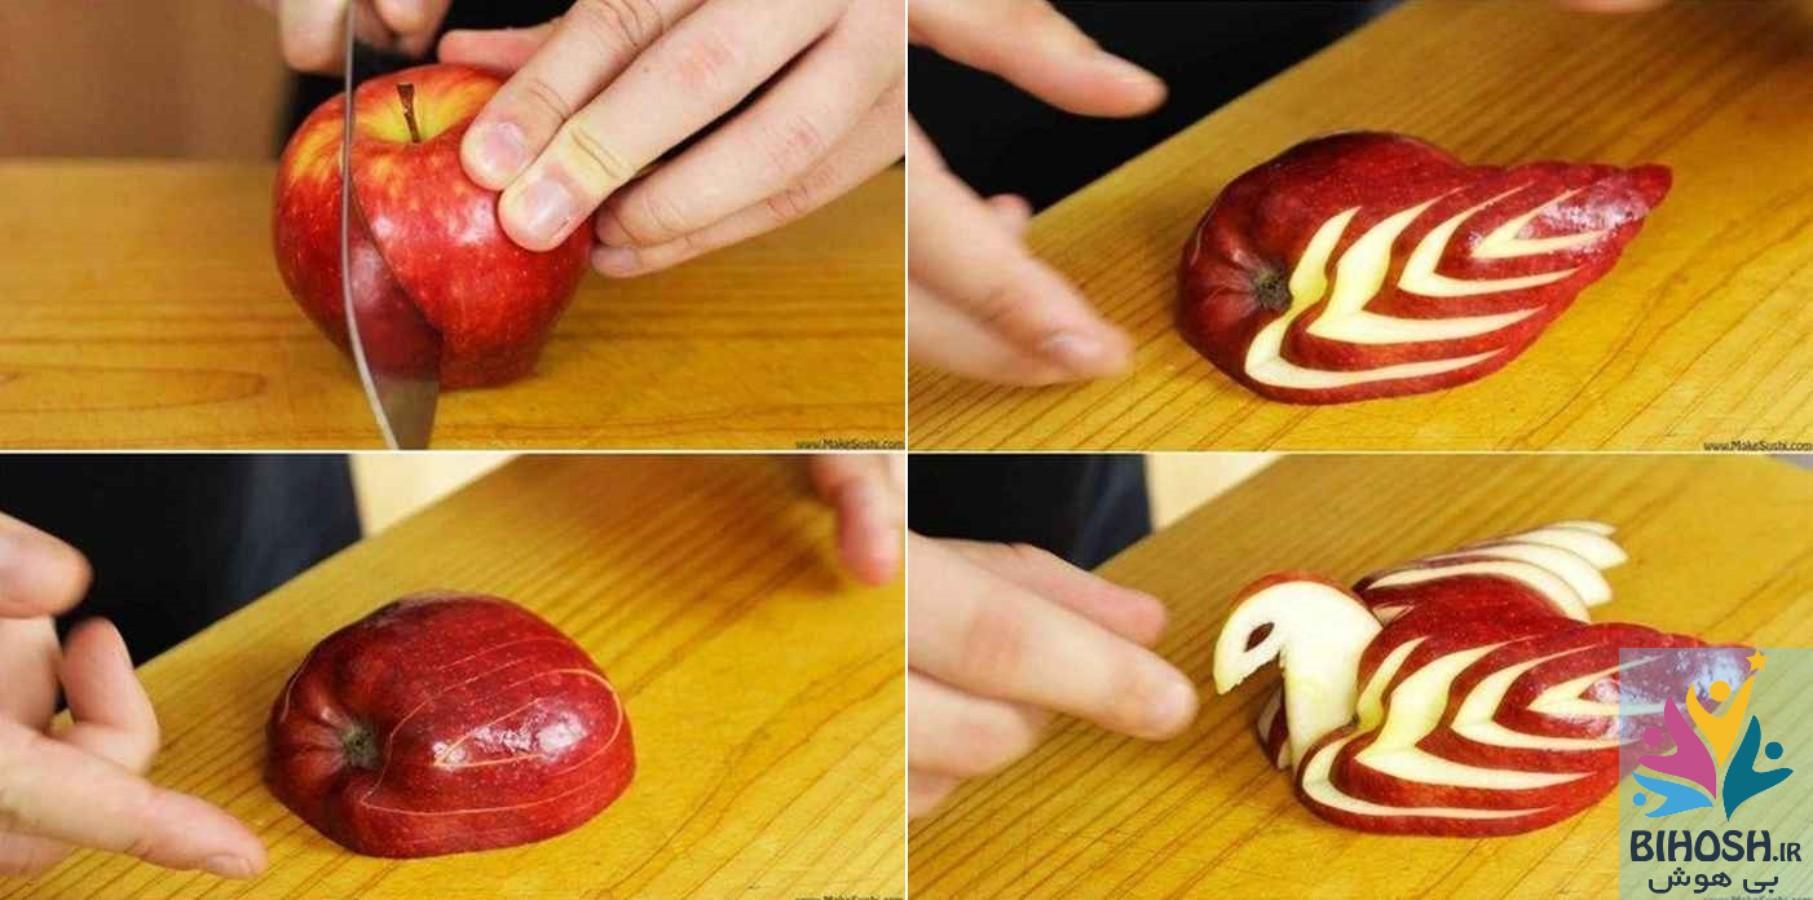 آموزش میوه آرایی با سیب طرح قو